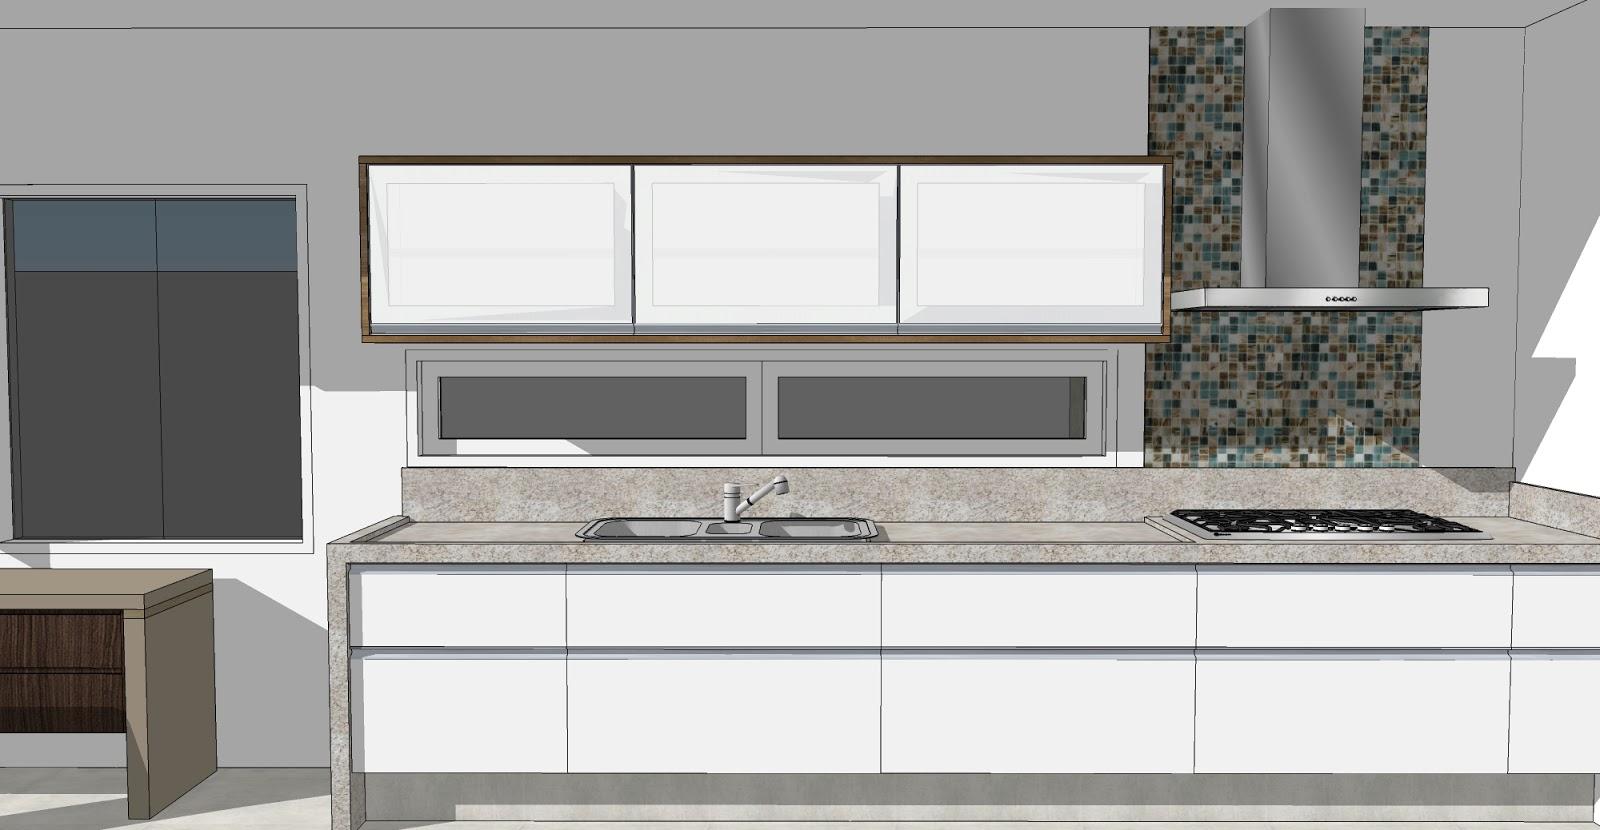 #5E4F3E Não gosto muito desses puxadores para os armários vocês conhecem  1600x830 px Projetos De Cozinhas Diferentes #515 imagens